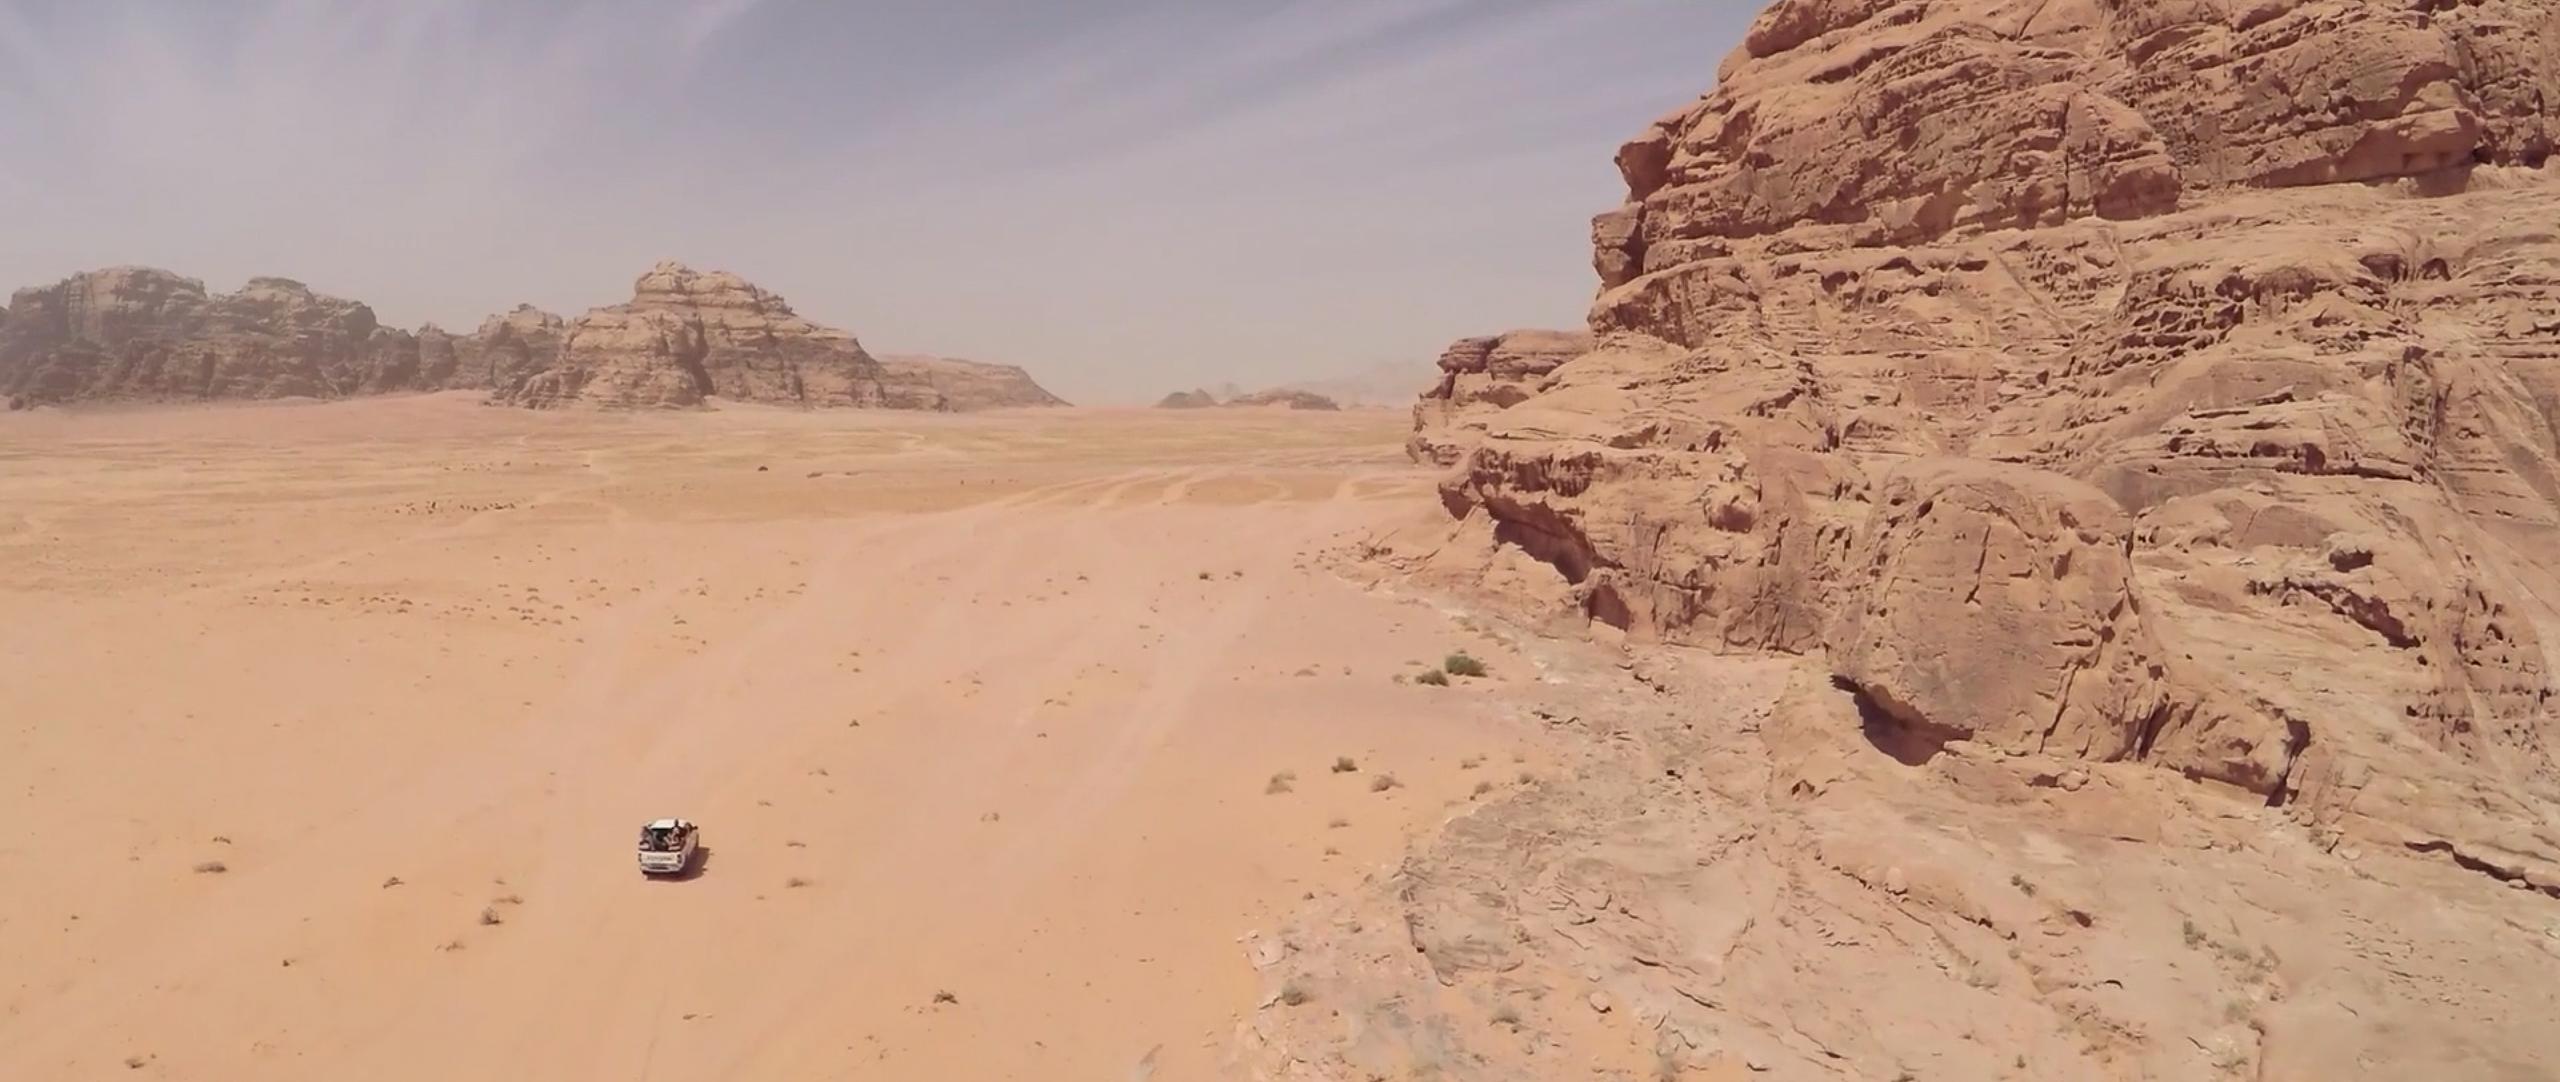 jordanie-drone-5